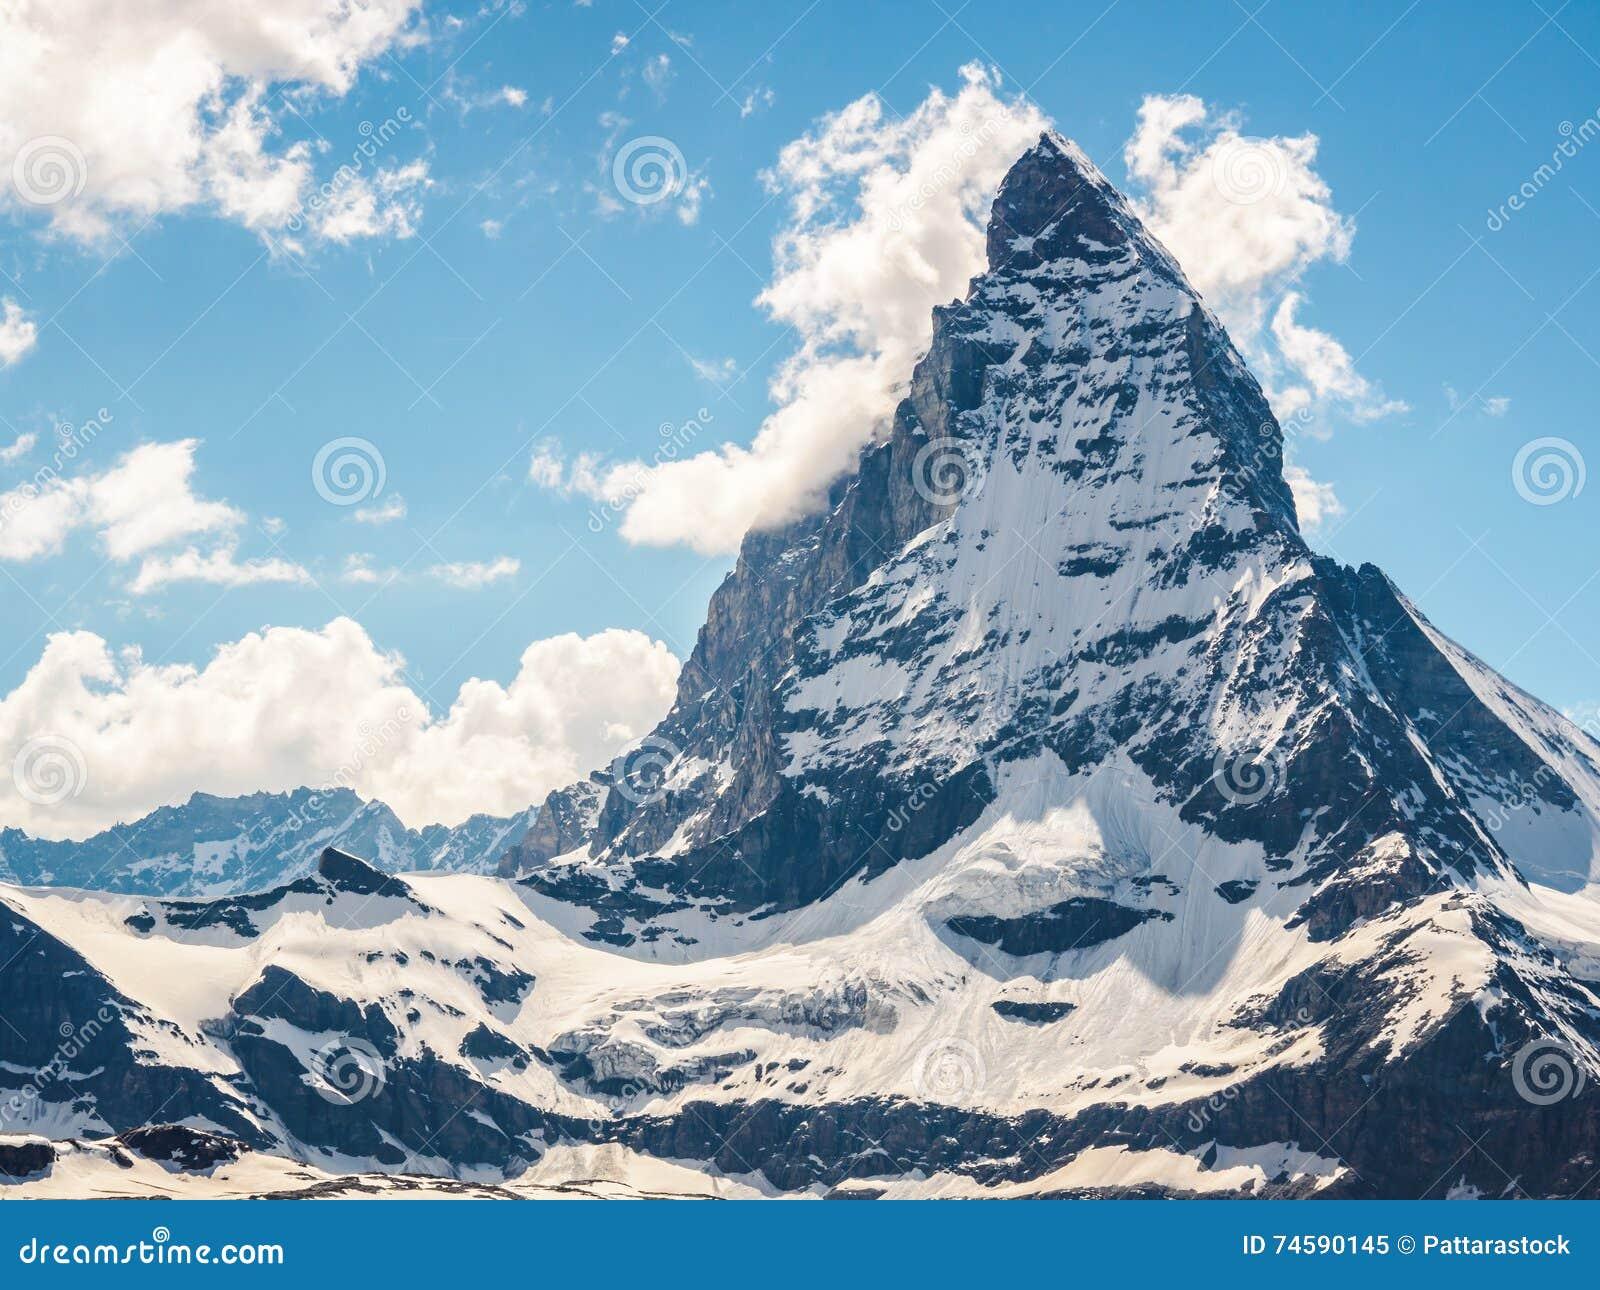 Matterhorn peak in sunny day view from gornergrat train station